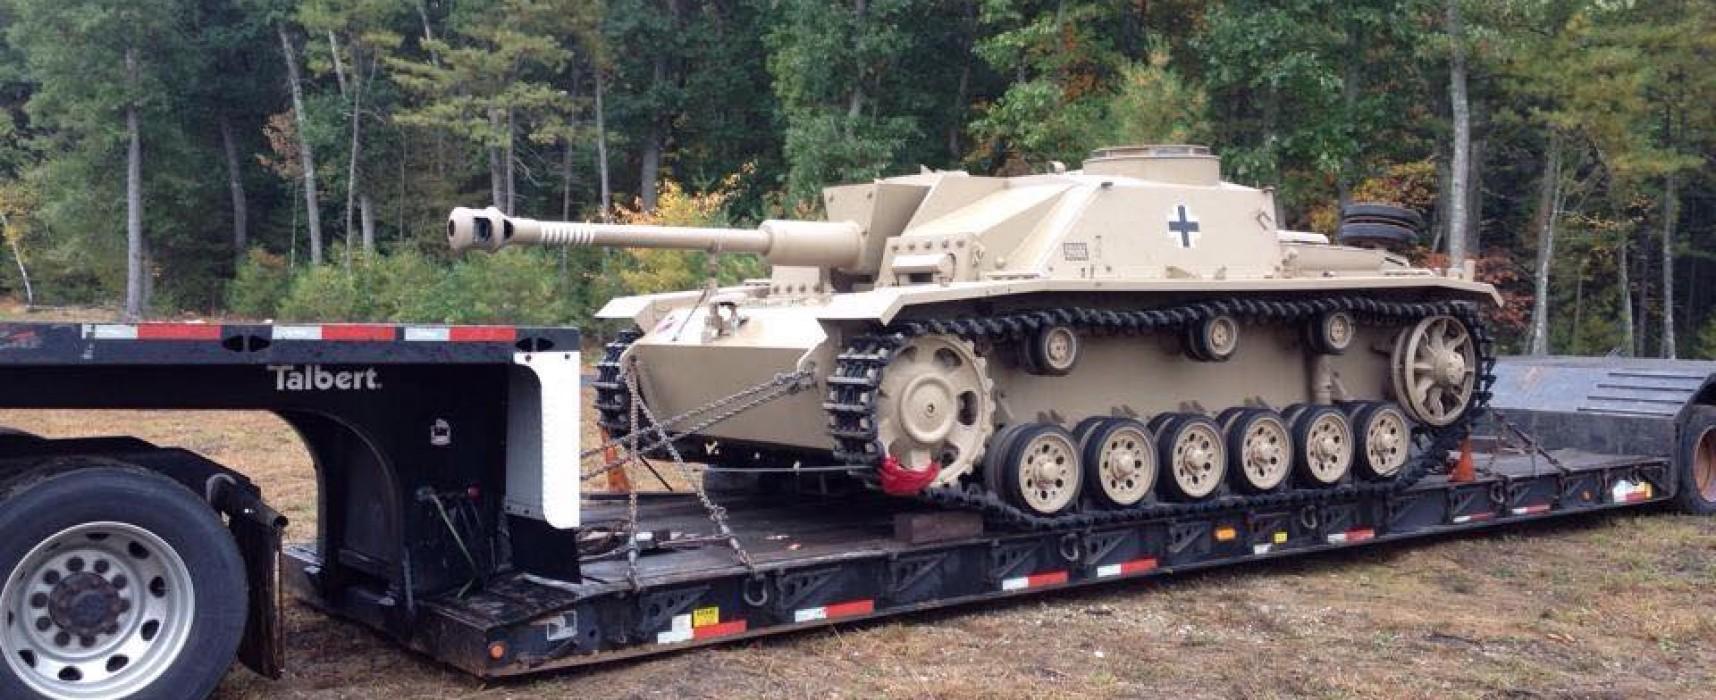 Фейк: Сын немецкого танкиста передал Украине благотворительную помощь в виде танка времен Второй Мировой войны (обновлено)